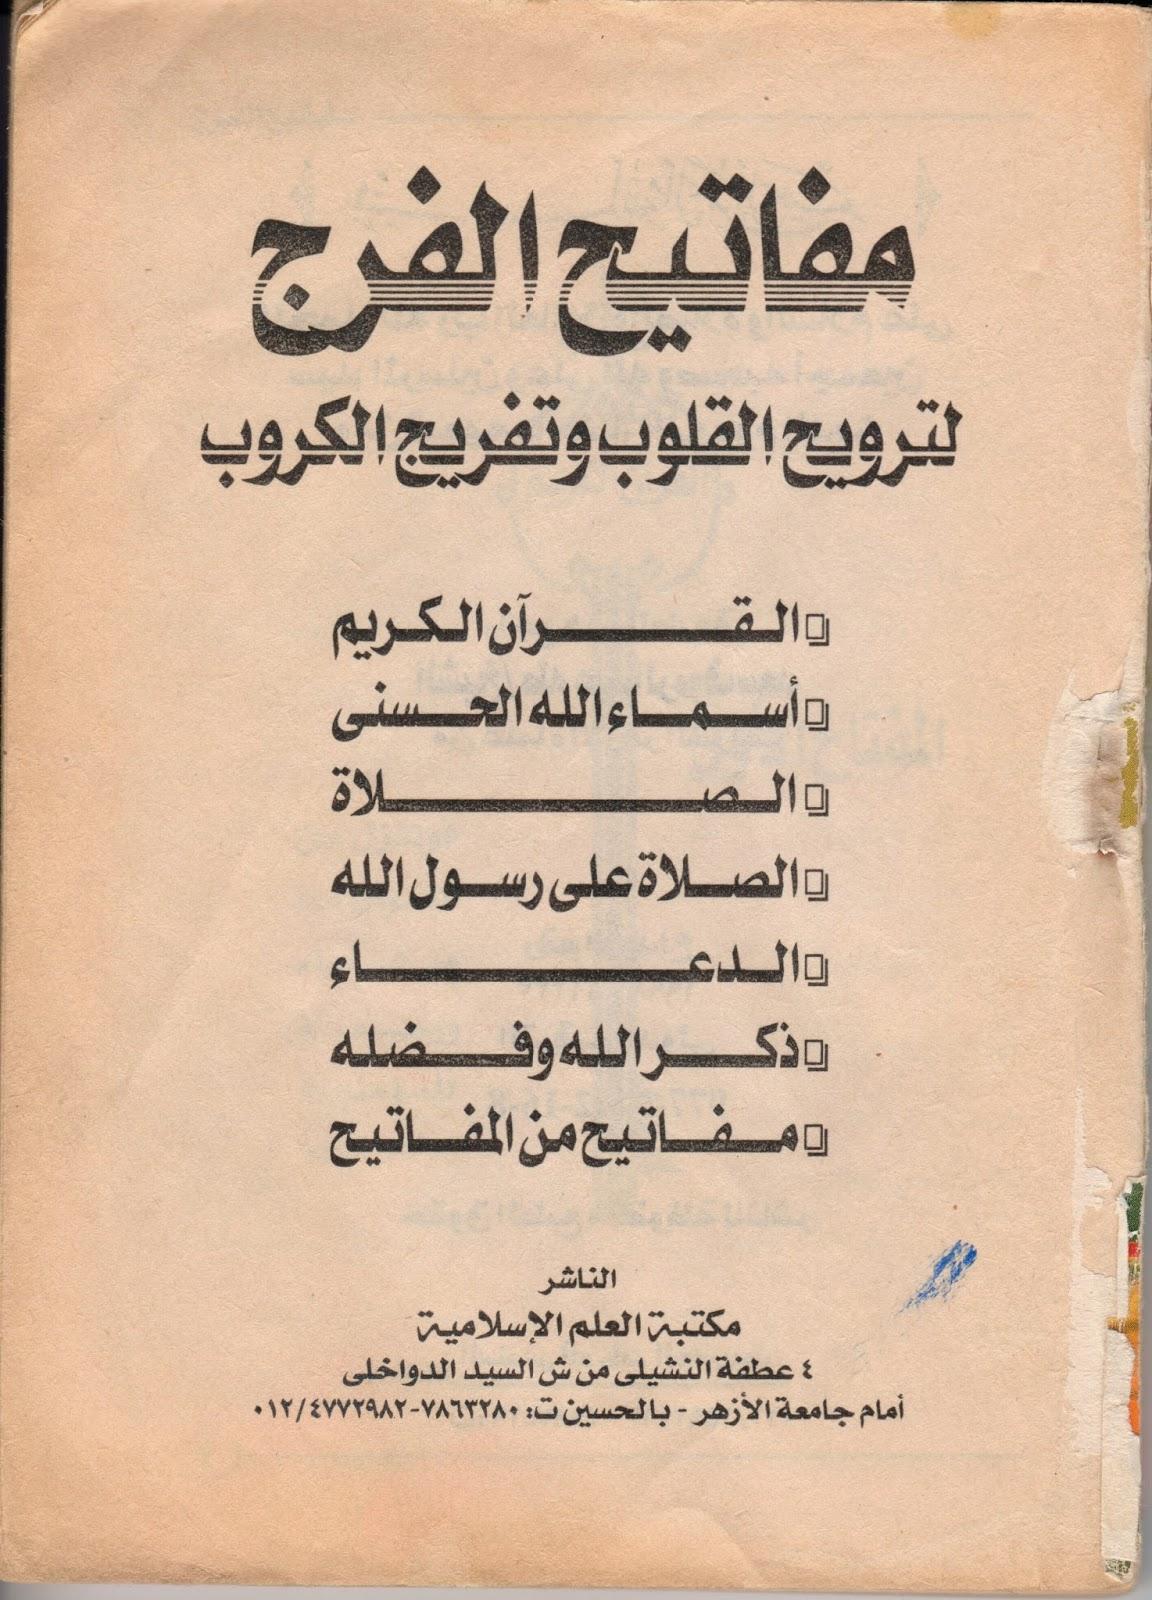 تحميل كتاب الخيميائي pdf